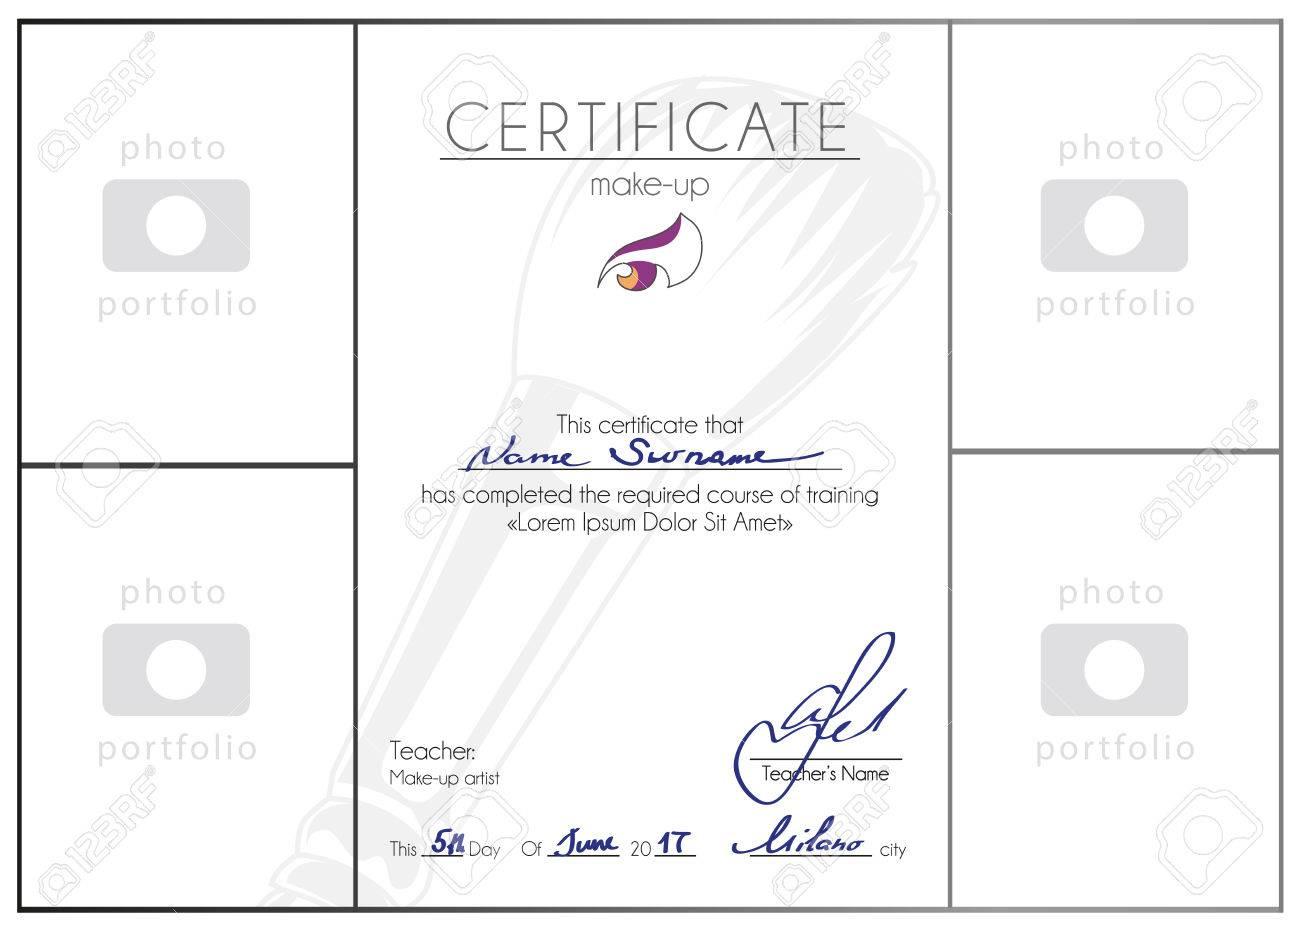 Maquillage Cours Complété Modèle De Certificat Maquillage Artiste Design Diplôme Vecteur A4 Vierge